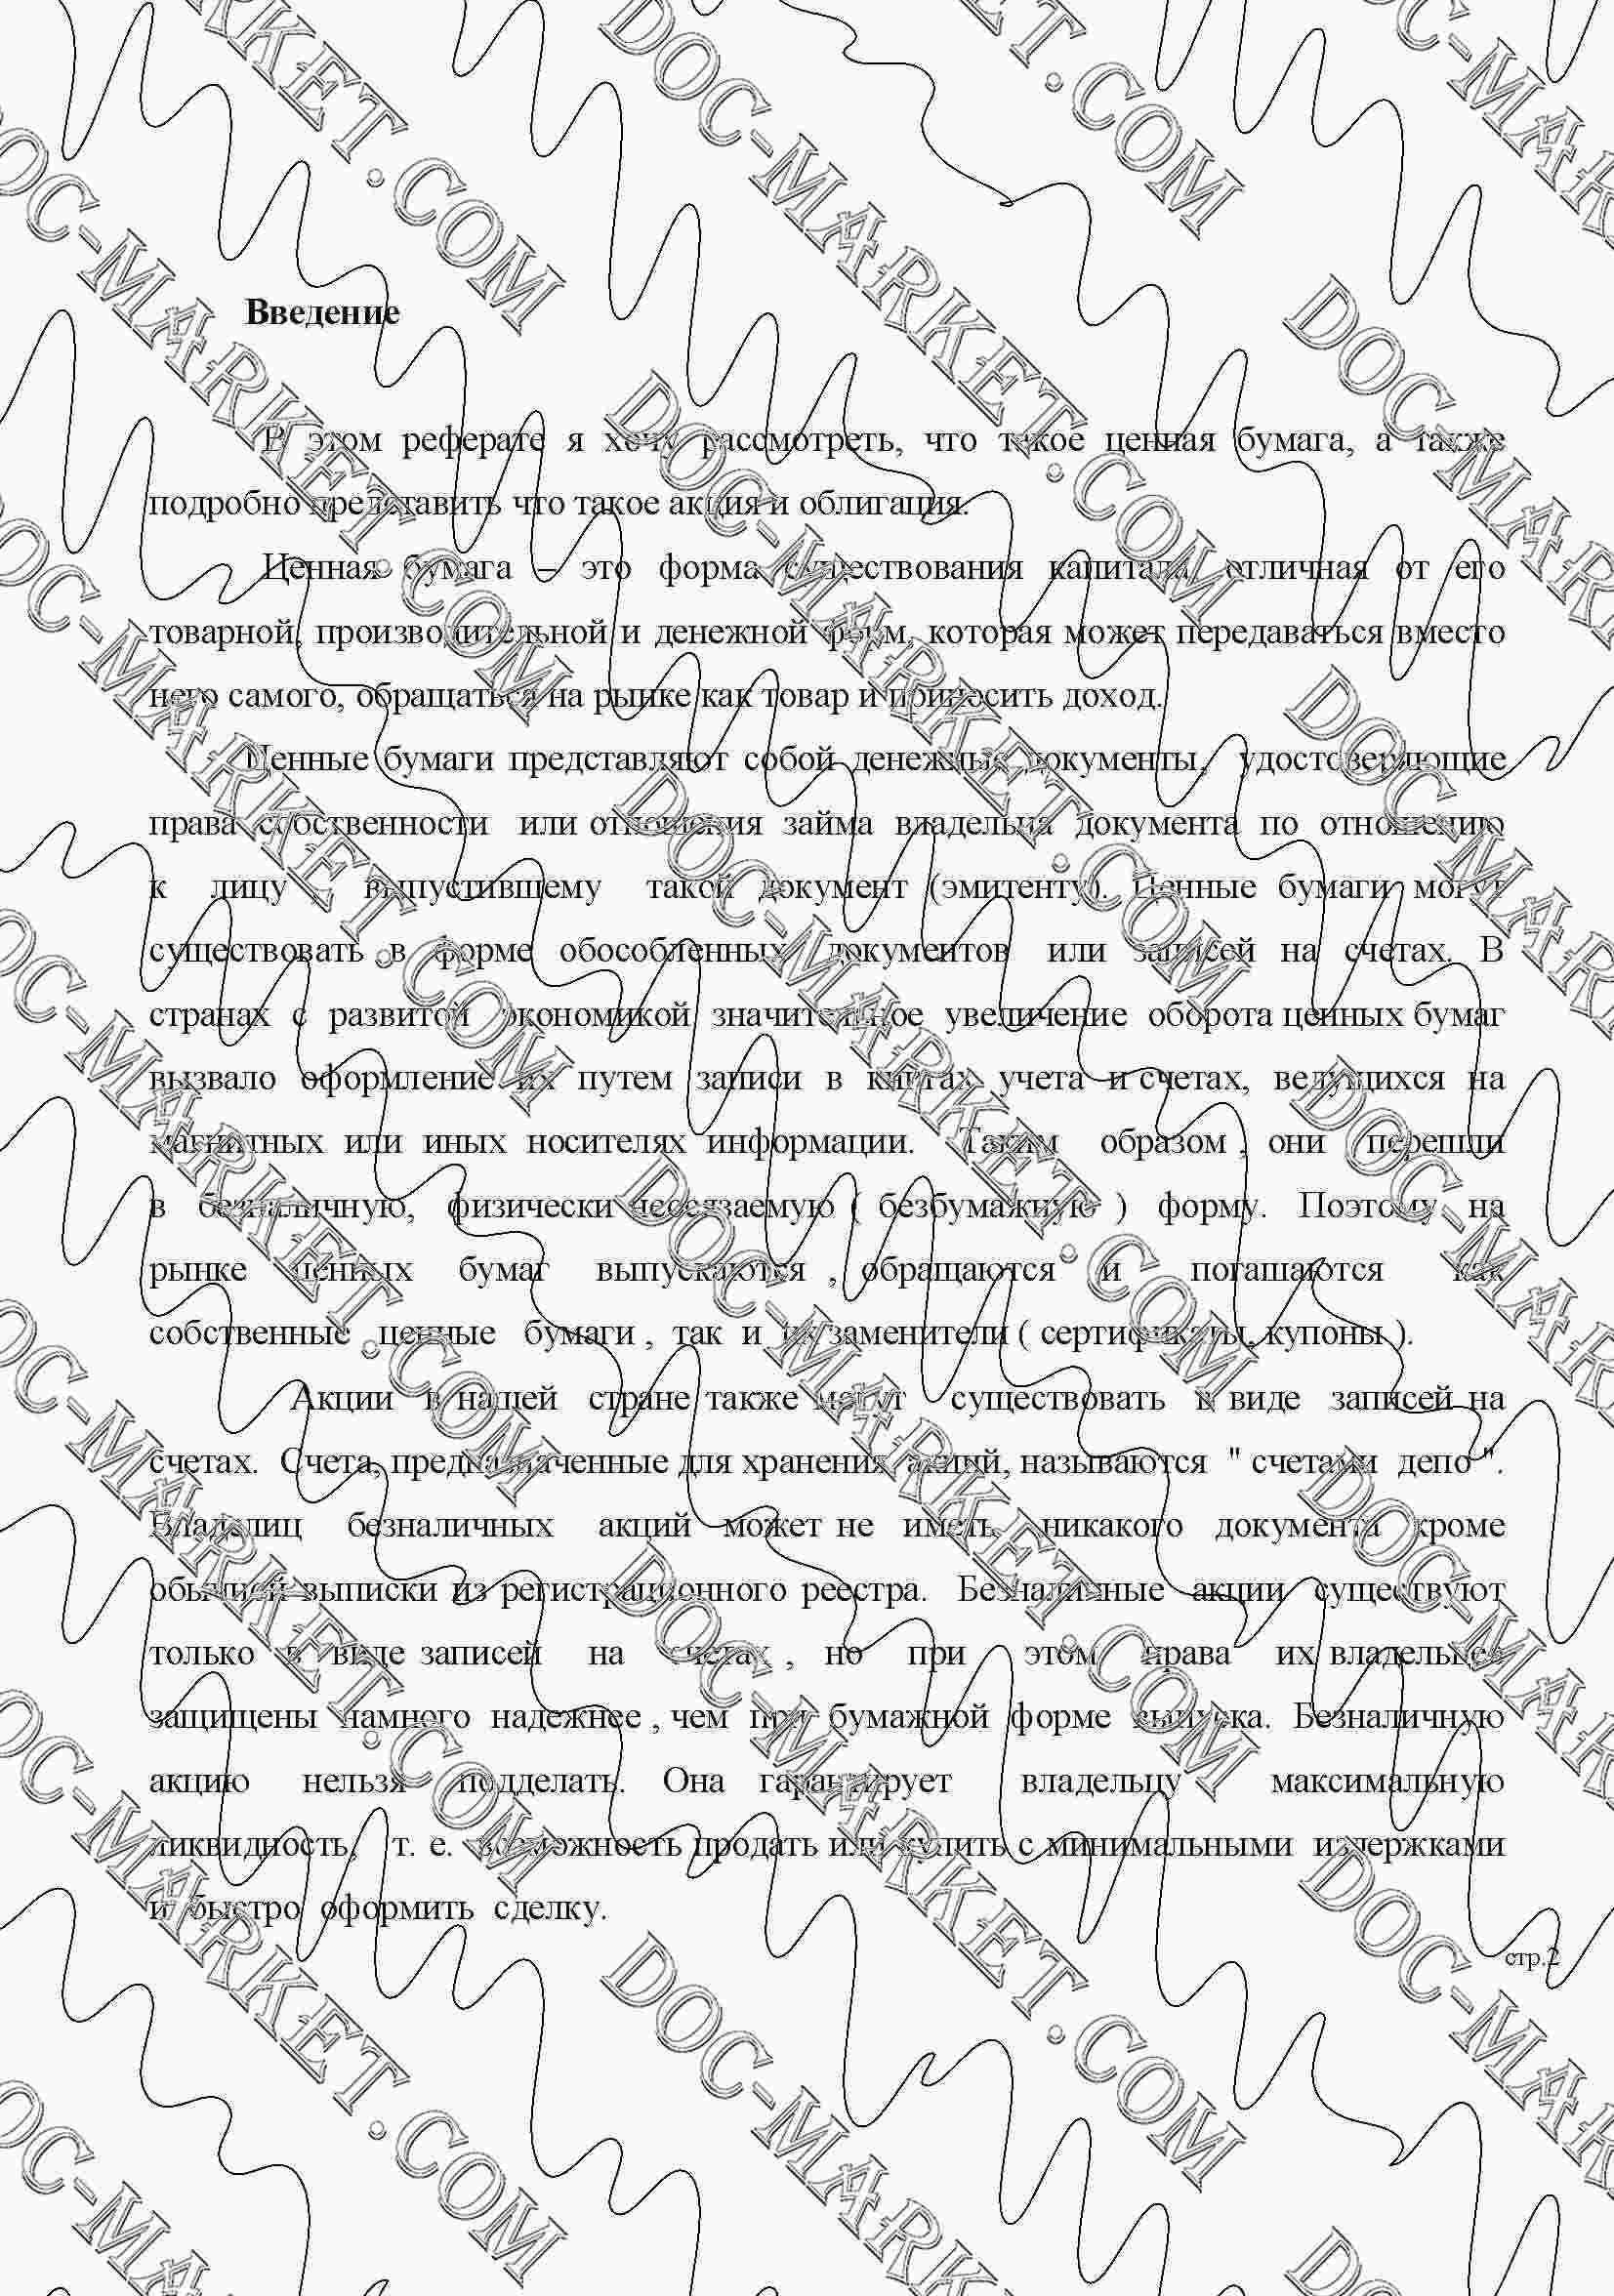 Реферат Реферат Ценные бумаги посмотреть работу по предмету  Электронные ценные бумаги реферат